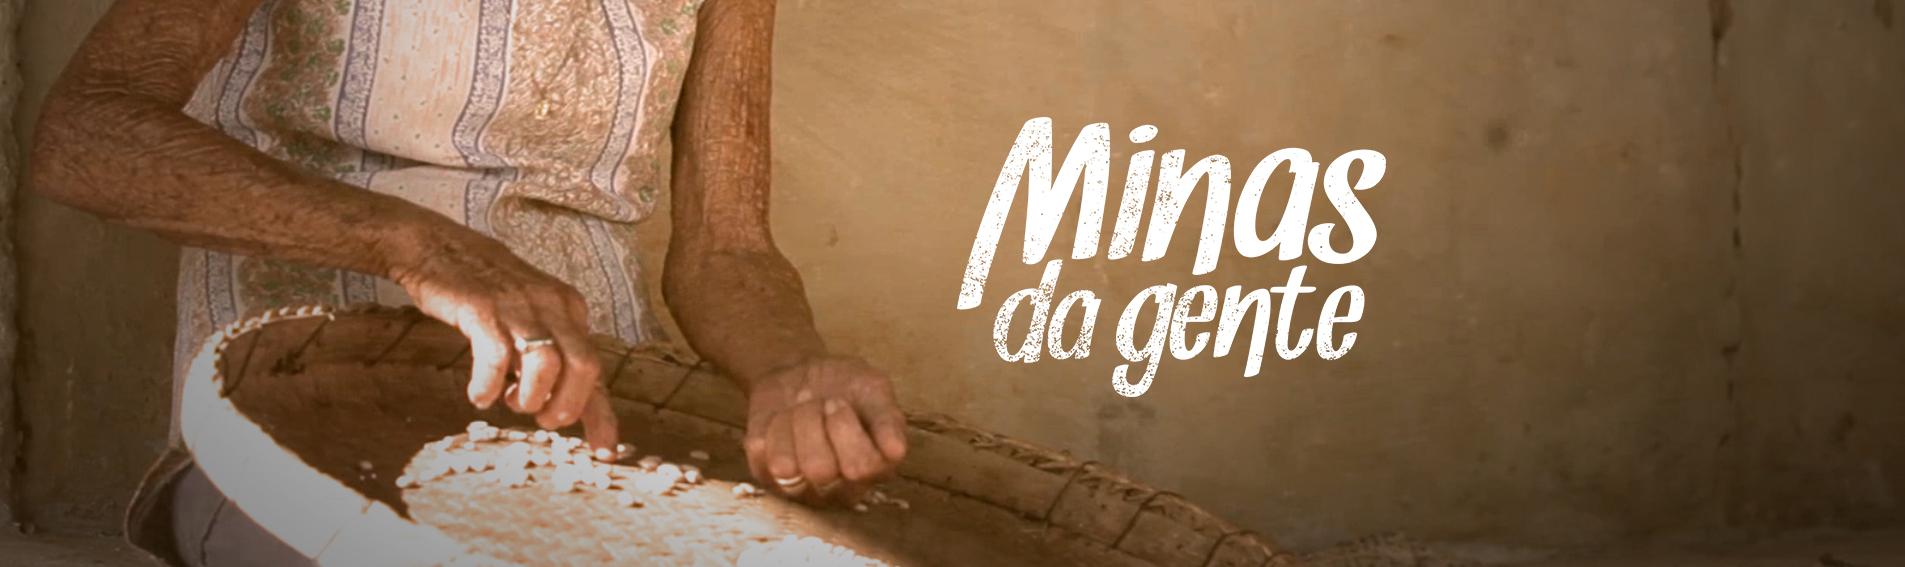 banner_minasdagente_maos